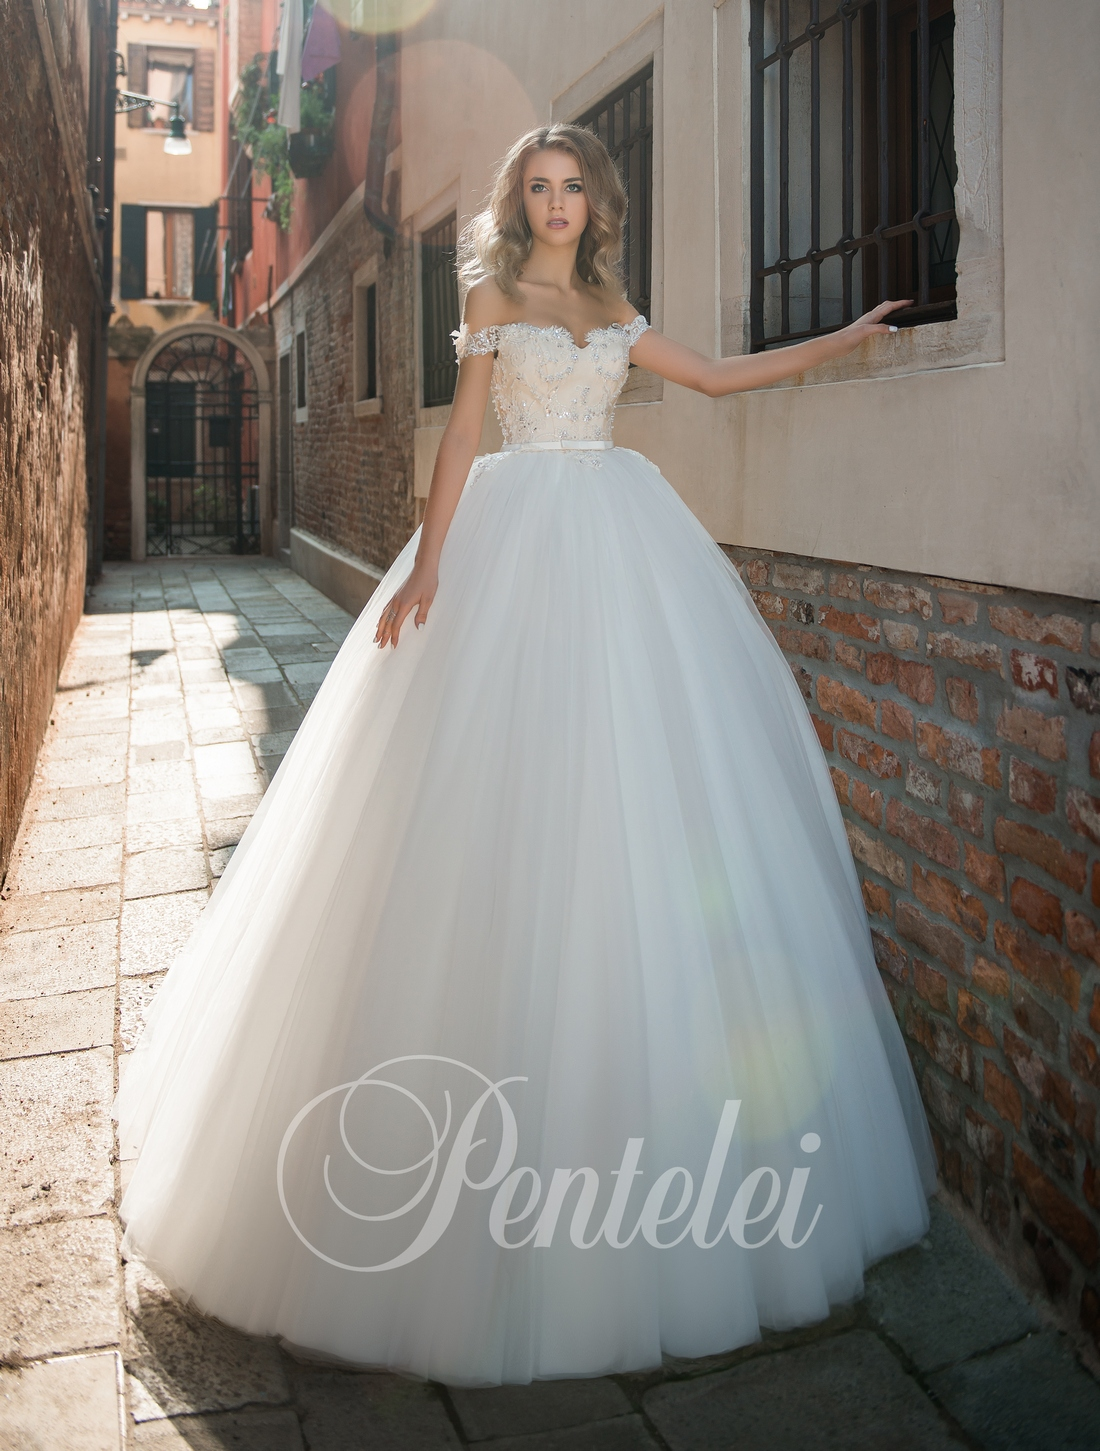 Пишна бальна весільна сукня від Pentelei